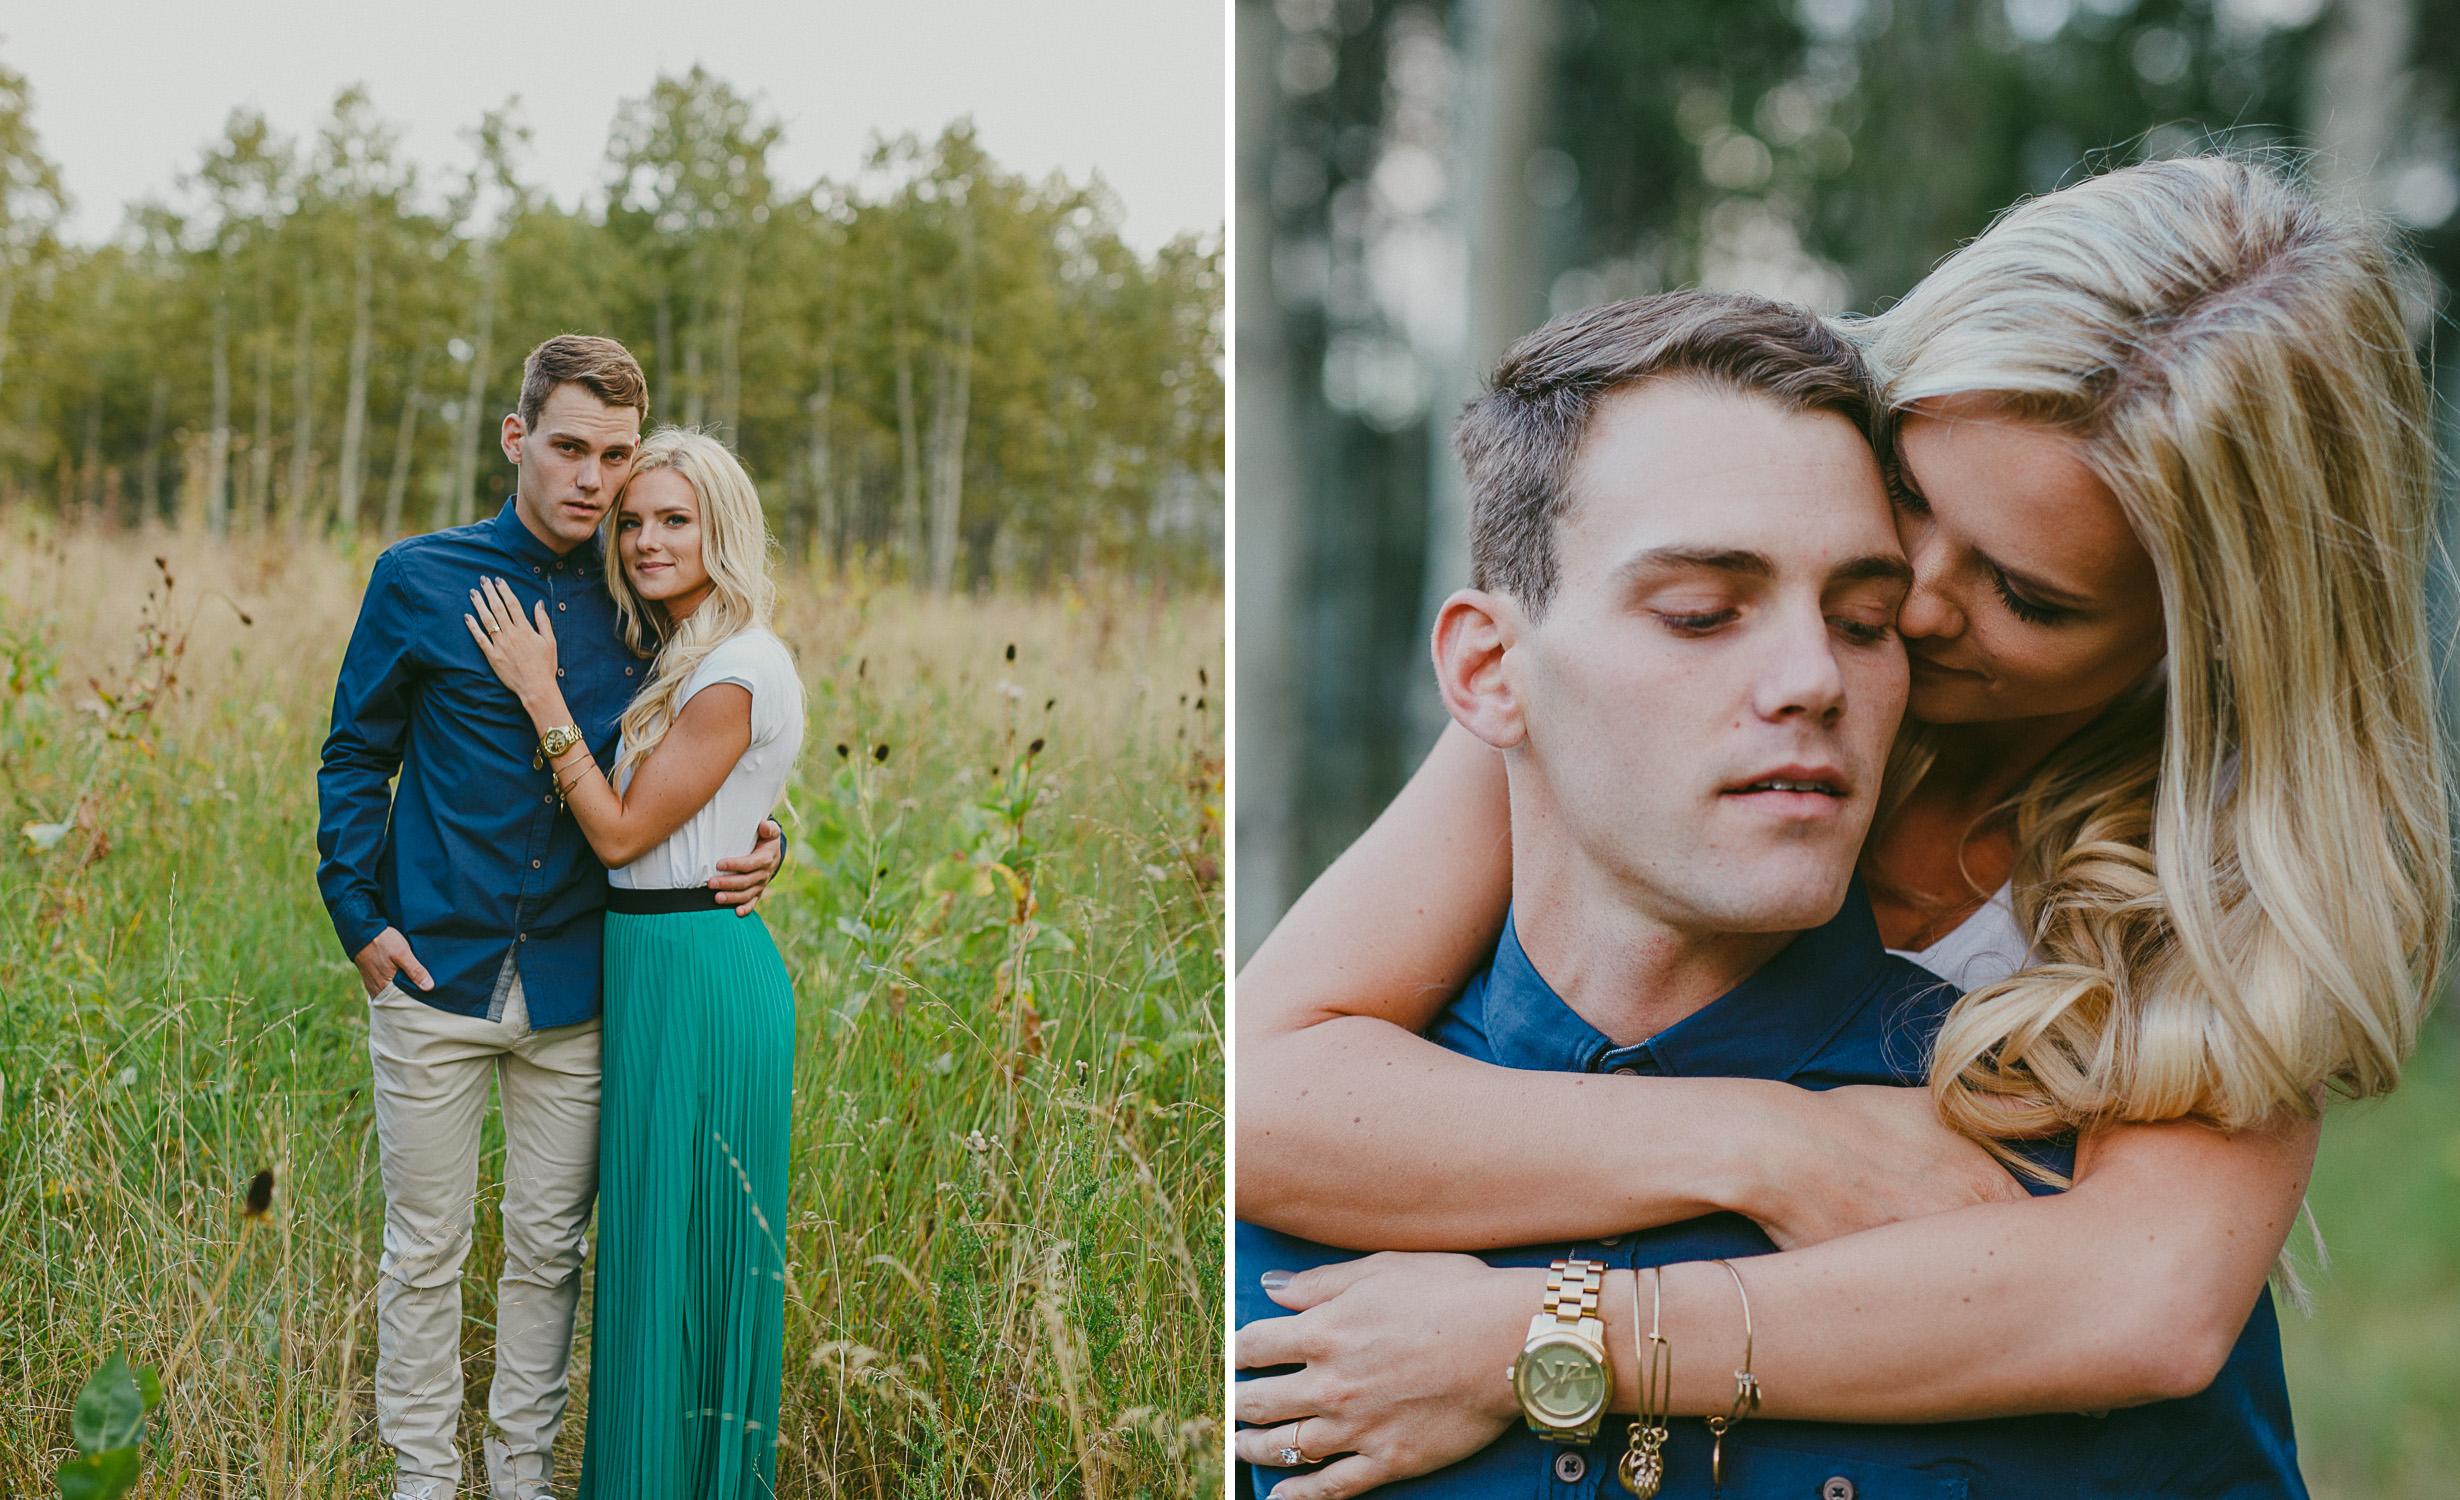 Salt-Lake-City-Utah-Engagements-Photographer03.jpg